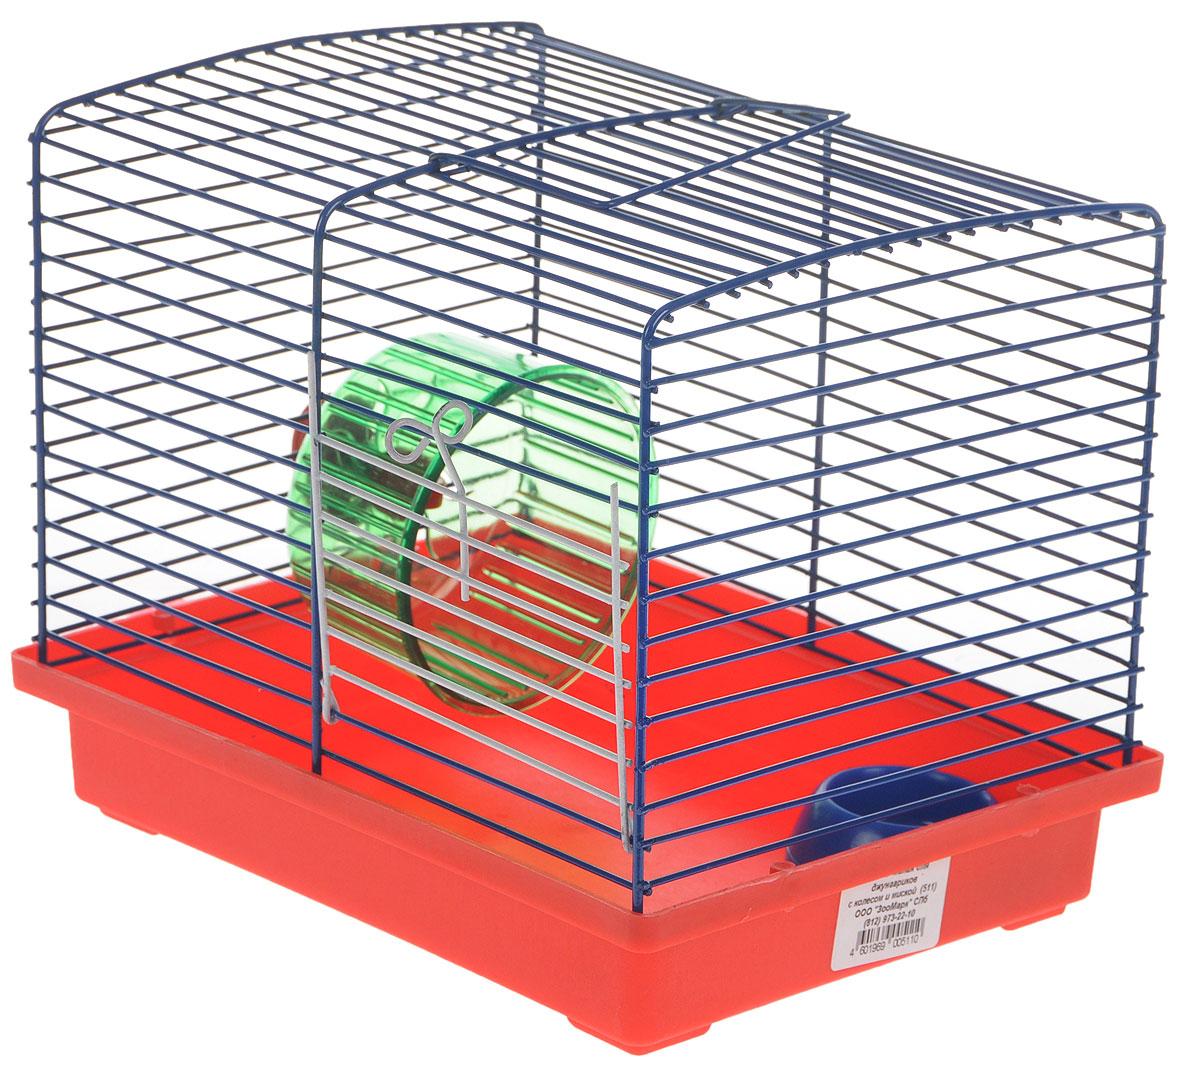 Клетка для джунгариков ЗооМарк, с колесом и миской, цвет: красный поддон, синяя решетка, 23 х 18 х 19 см511КСКлетка ЗооМарк, выполненная из пластика и металла, подходит для мелких грызунов. Изделие оборудовано колесом для подвижных игр и пластиковой миской. Клетка имеет яркий поддон, удобна в использовании и легко чистится. Сверху имеется ручка для переноски. Такая клетка станет личным пространством и уютным домиком для маленького грызуна.Комплектация: - клетка с поддоном;- миска;- колесо.